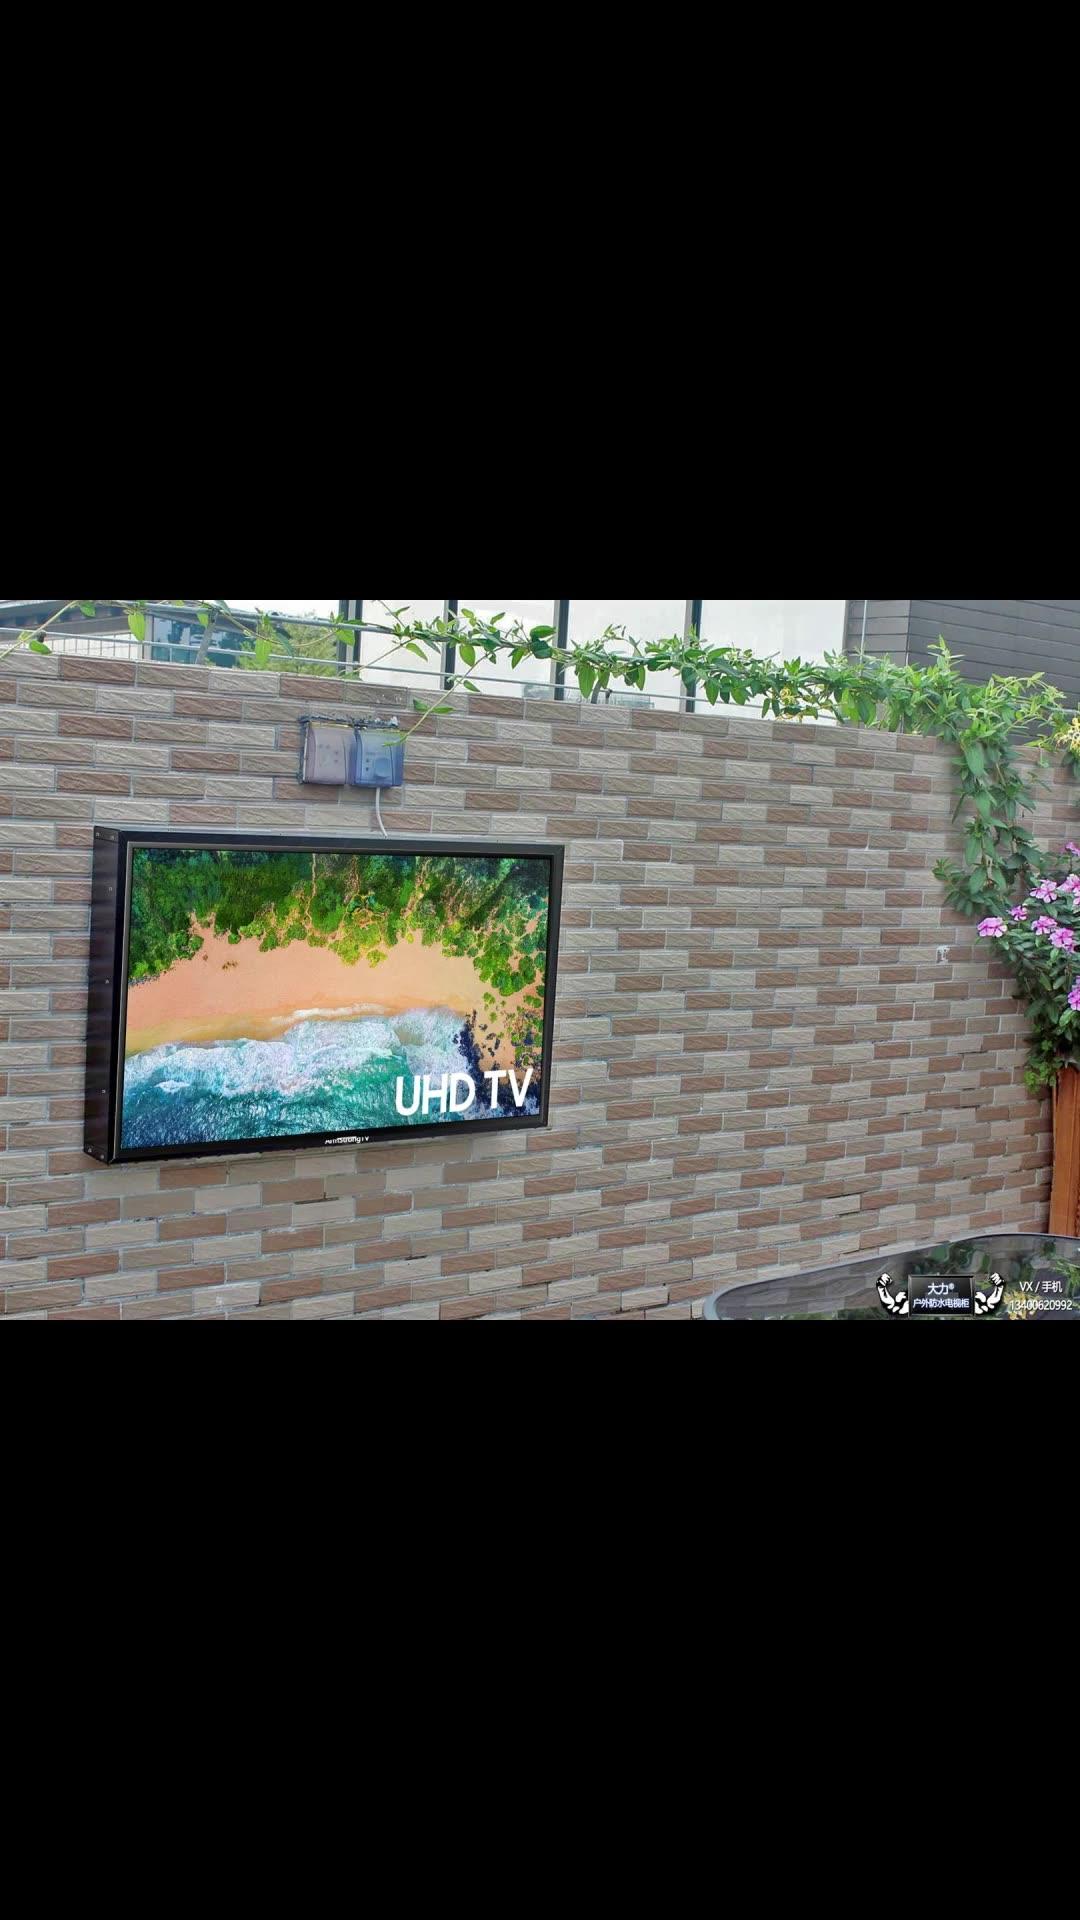 التلفزيون الذكية 4K الترا HD التلفزيون مجموعة سعر الجملة 65 بوصة سماعة LED Usb الفرنسية المطبخ الروسية OEM المتكلم غطاء للحماية